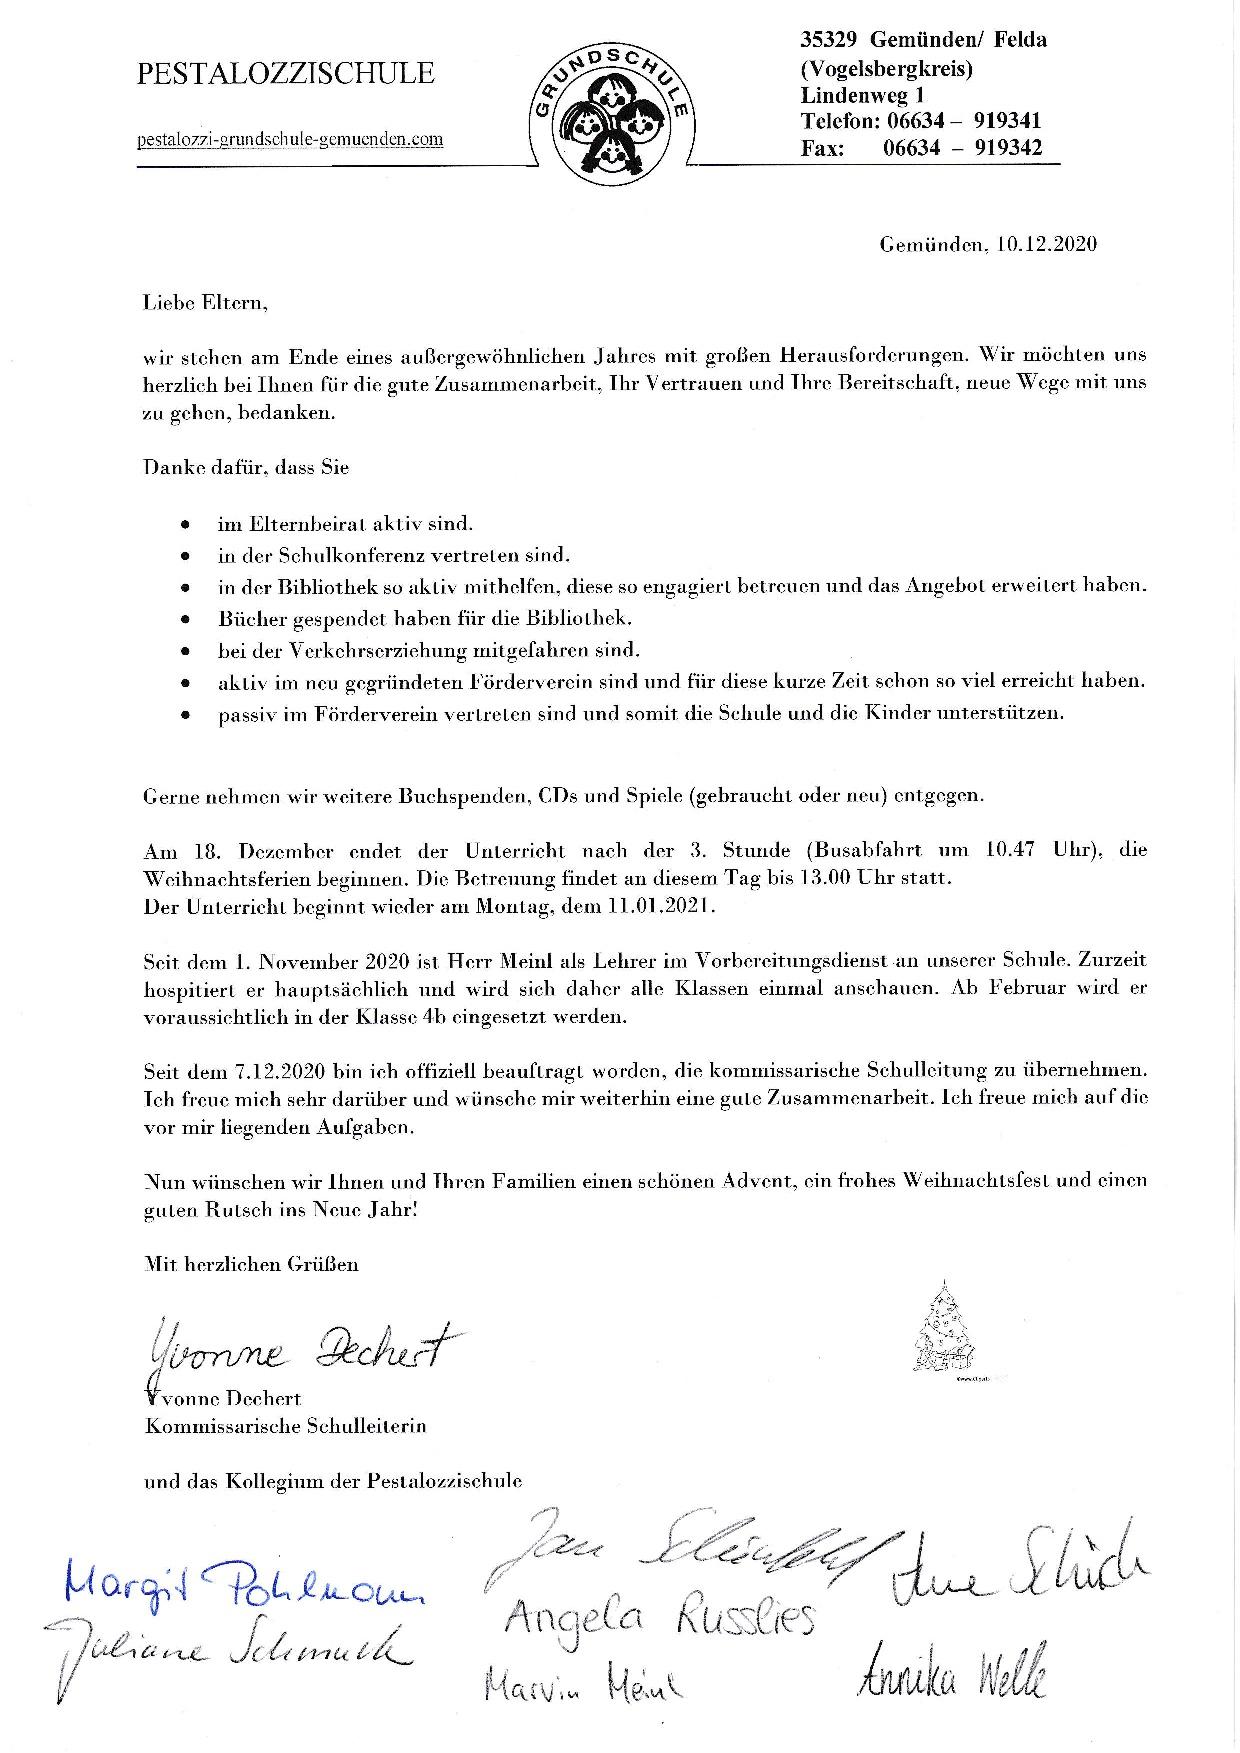 Elternbrief Weihnachten 2020